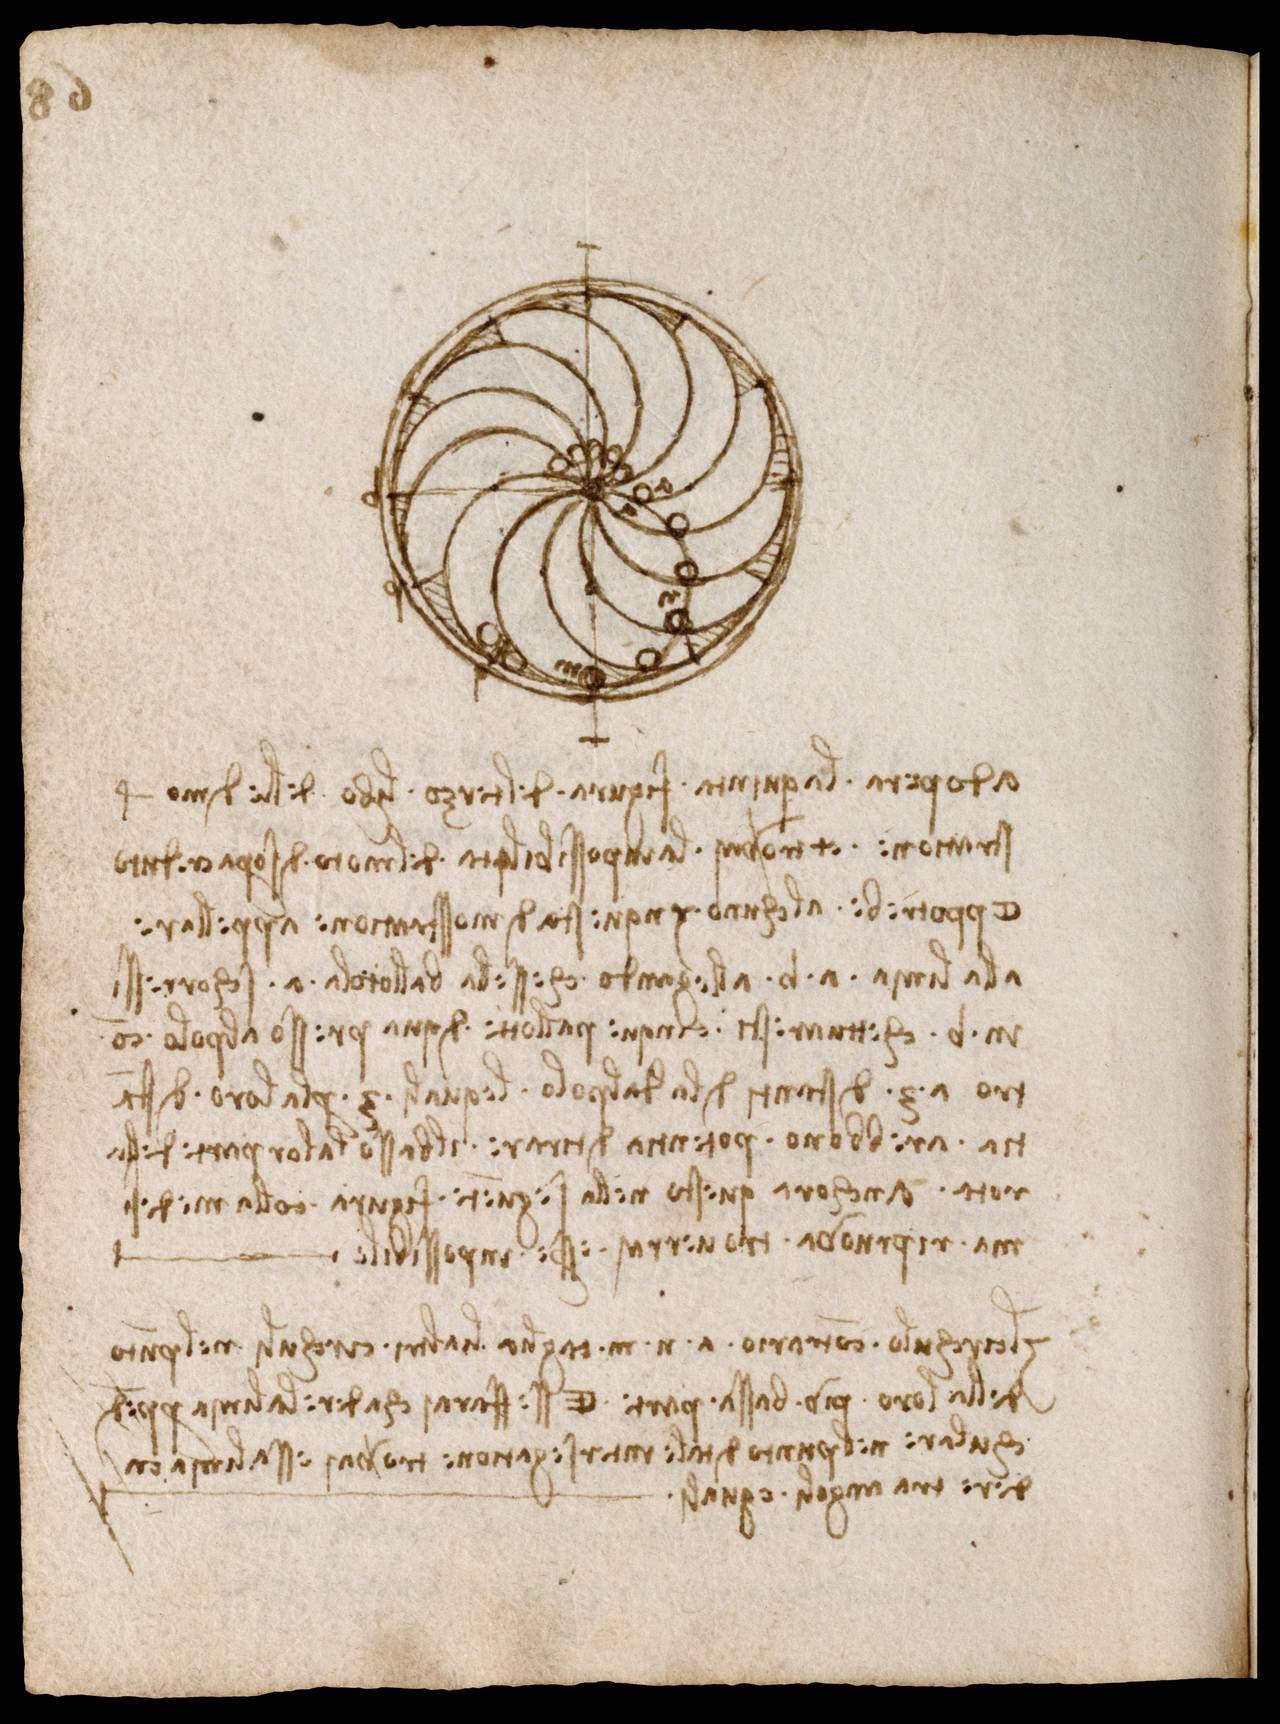 Leonardo da Vinçinin əlyazmaları hamıya əlçatan oldu